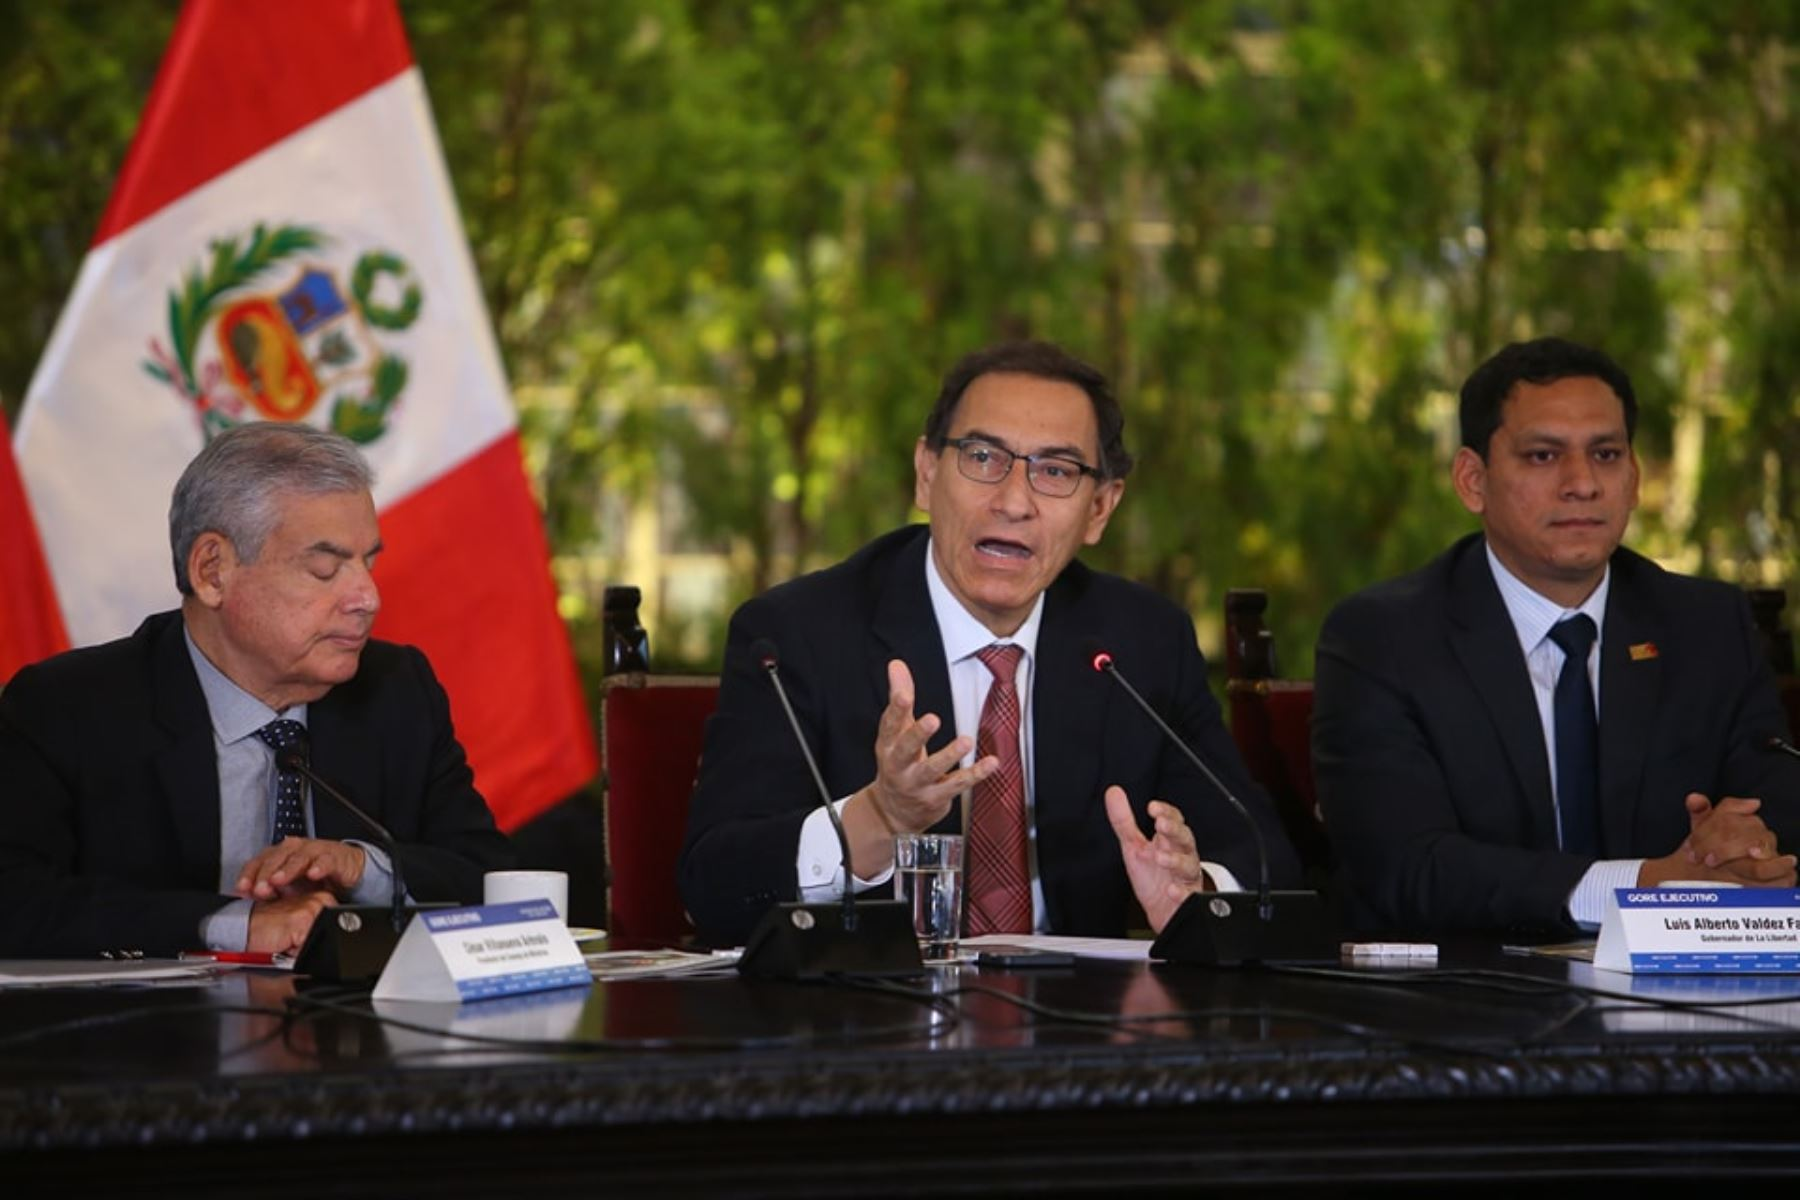 Presidente Martín Vizcarra lidera la última jornada del Gore-Ejecutivo Extraordinario. Foto: ANDINA/Prensa Presidencia.